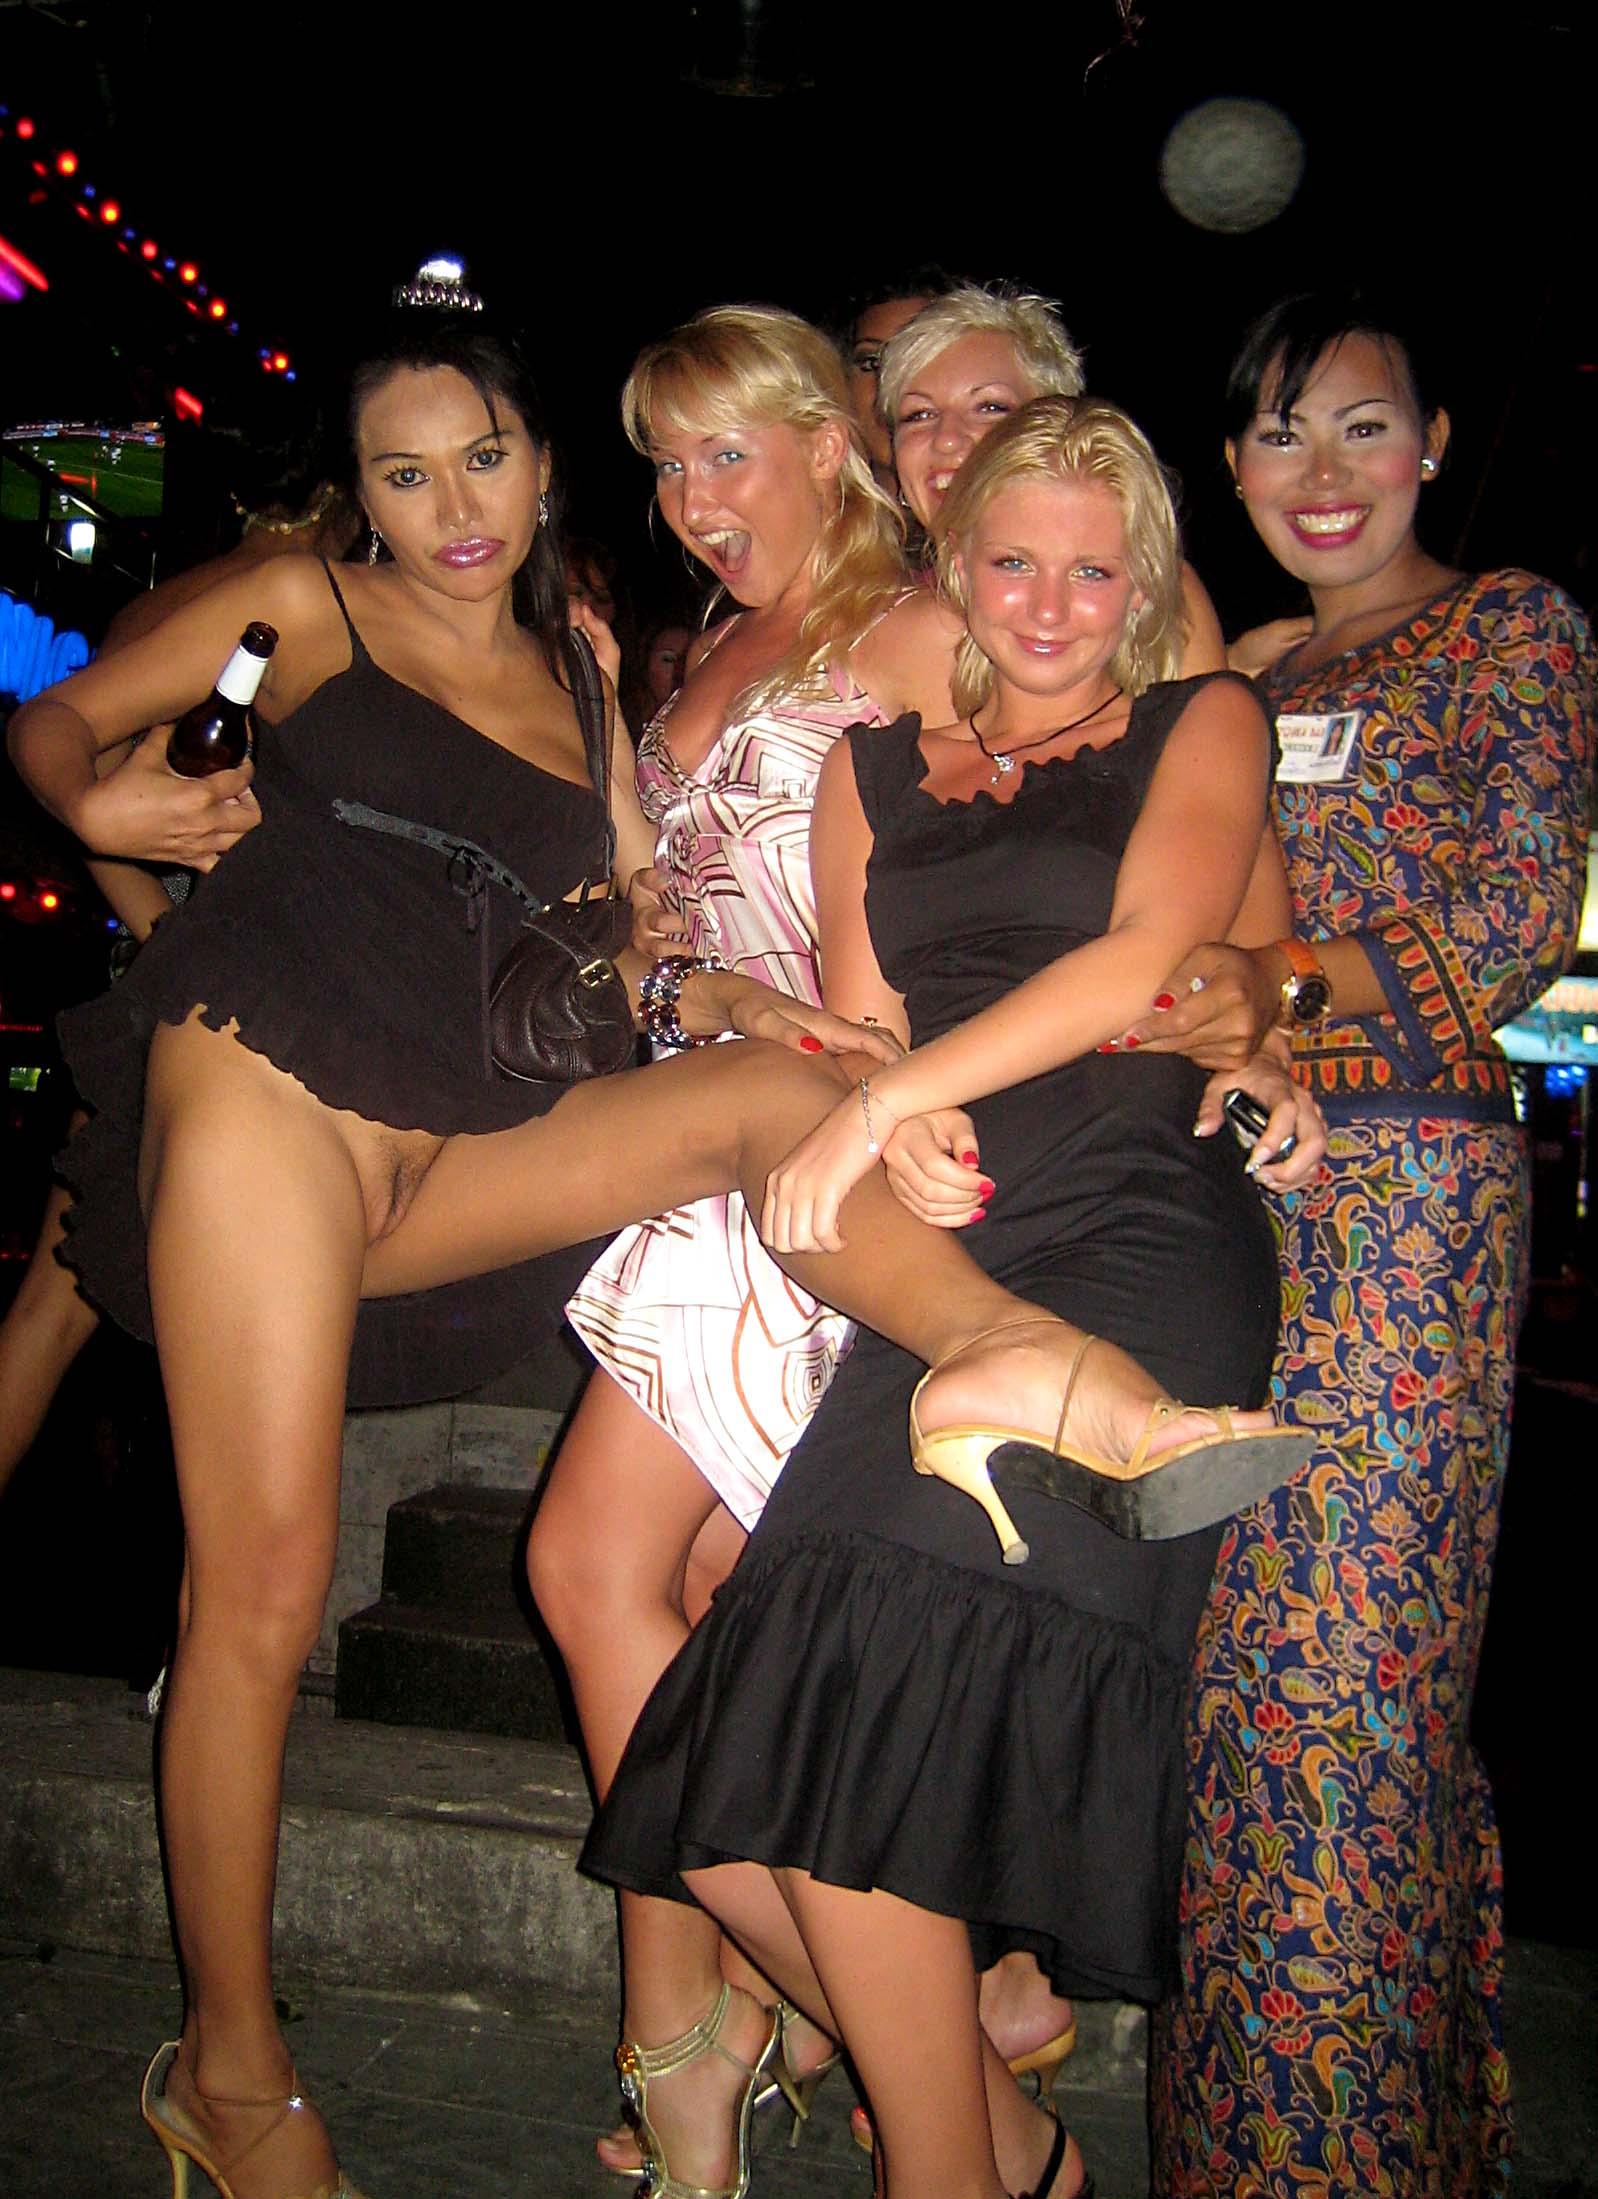 Секс истории о тайланде 8 фотография